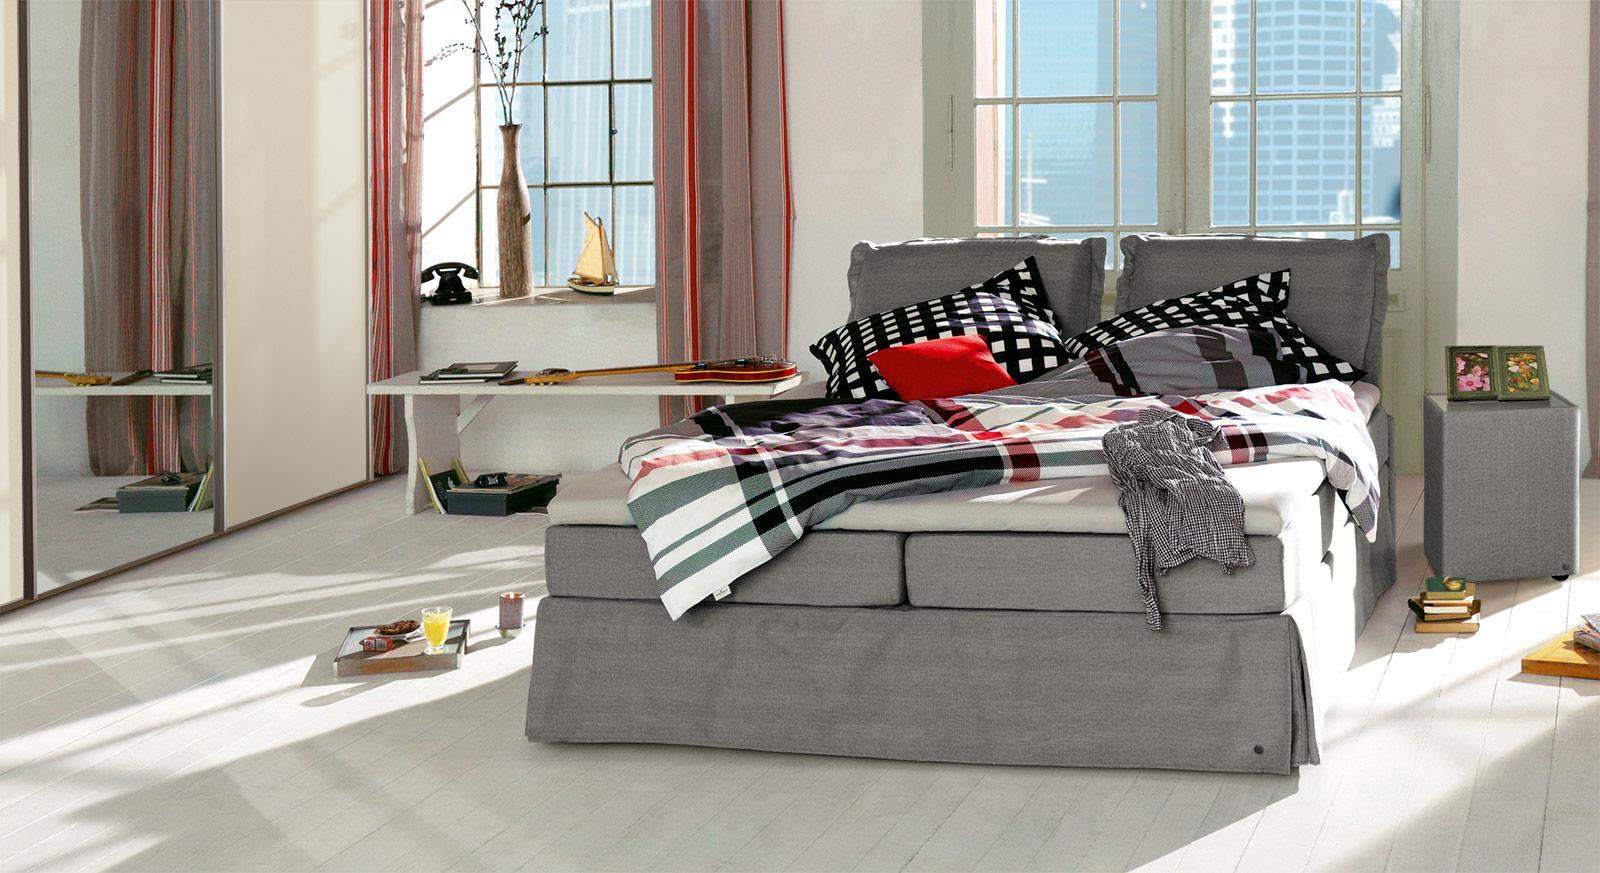 Boxspringbett Tom Tailor Cushion in grauem Webstoff